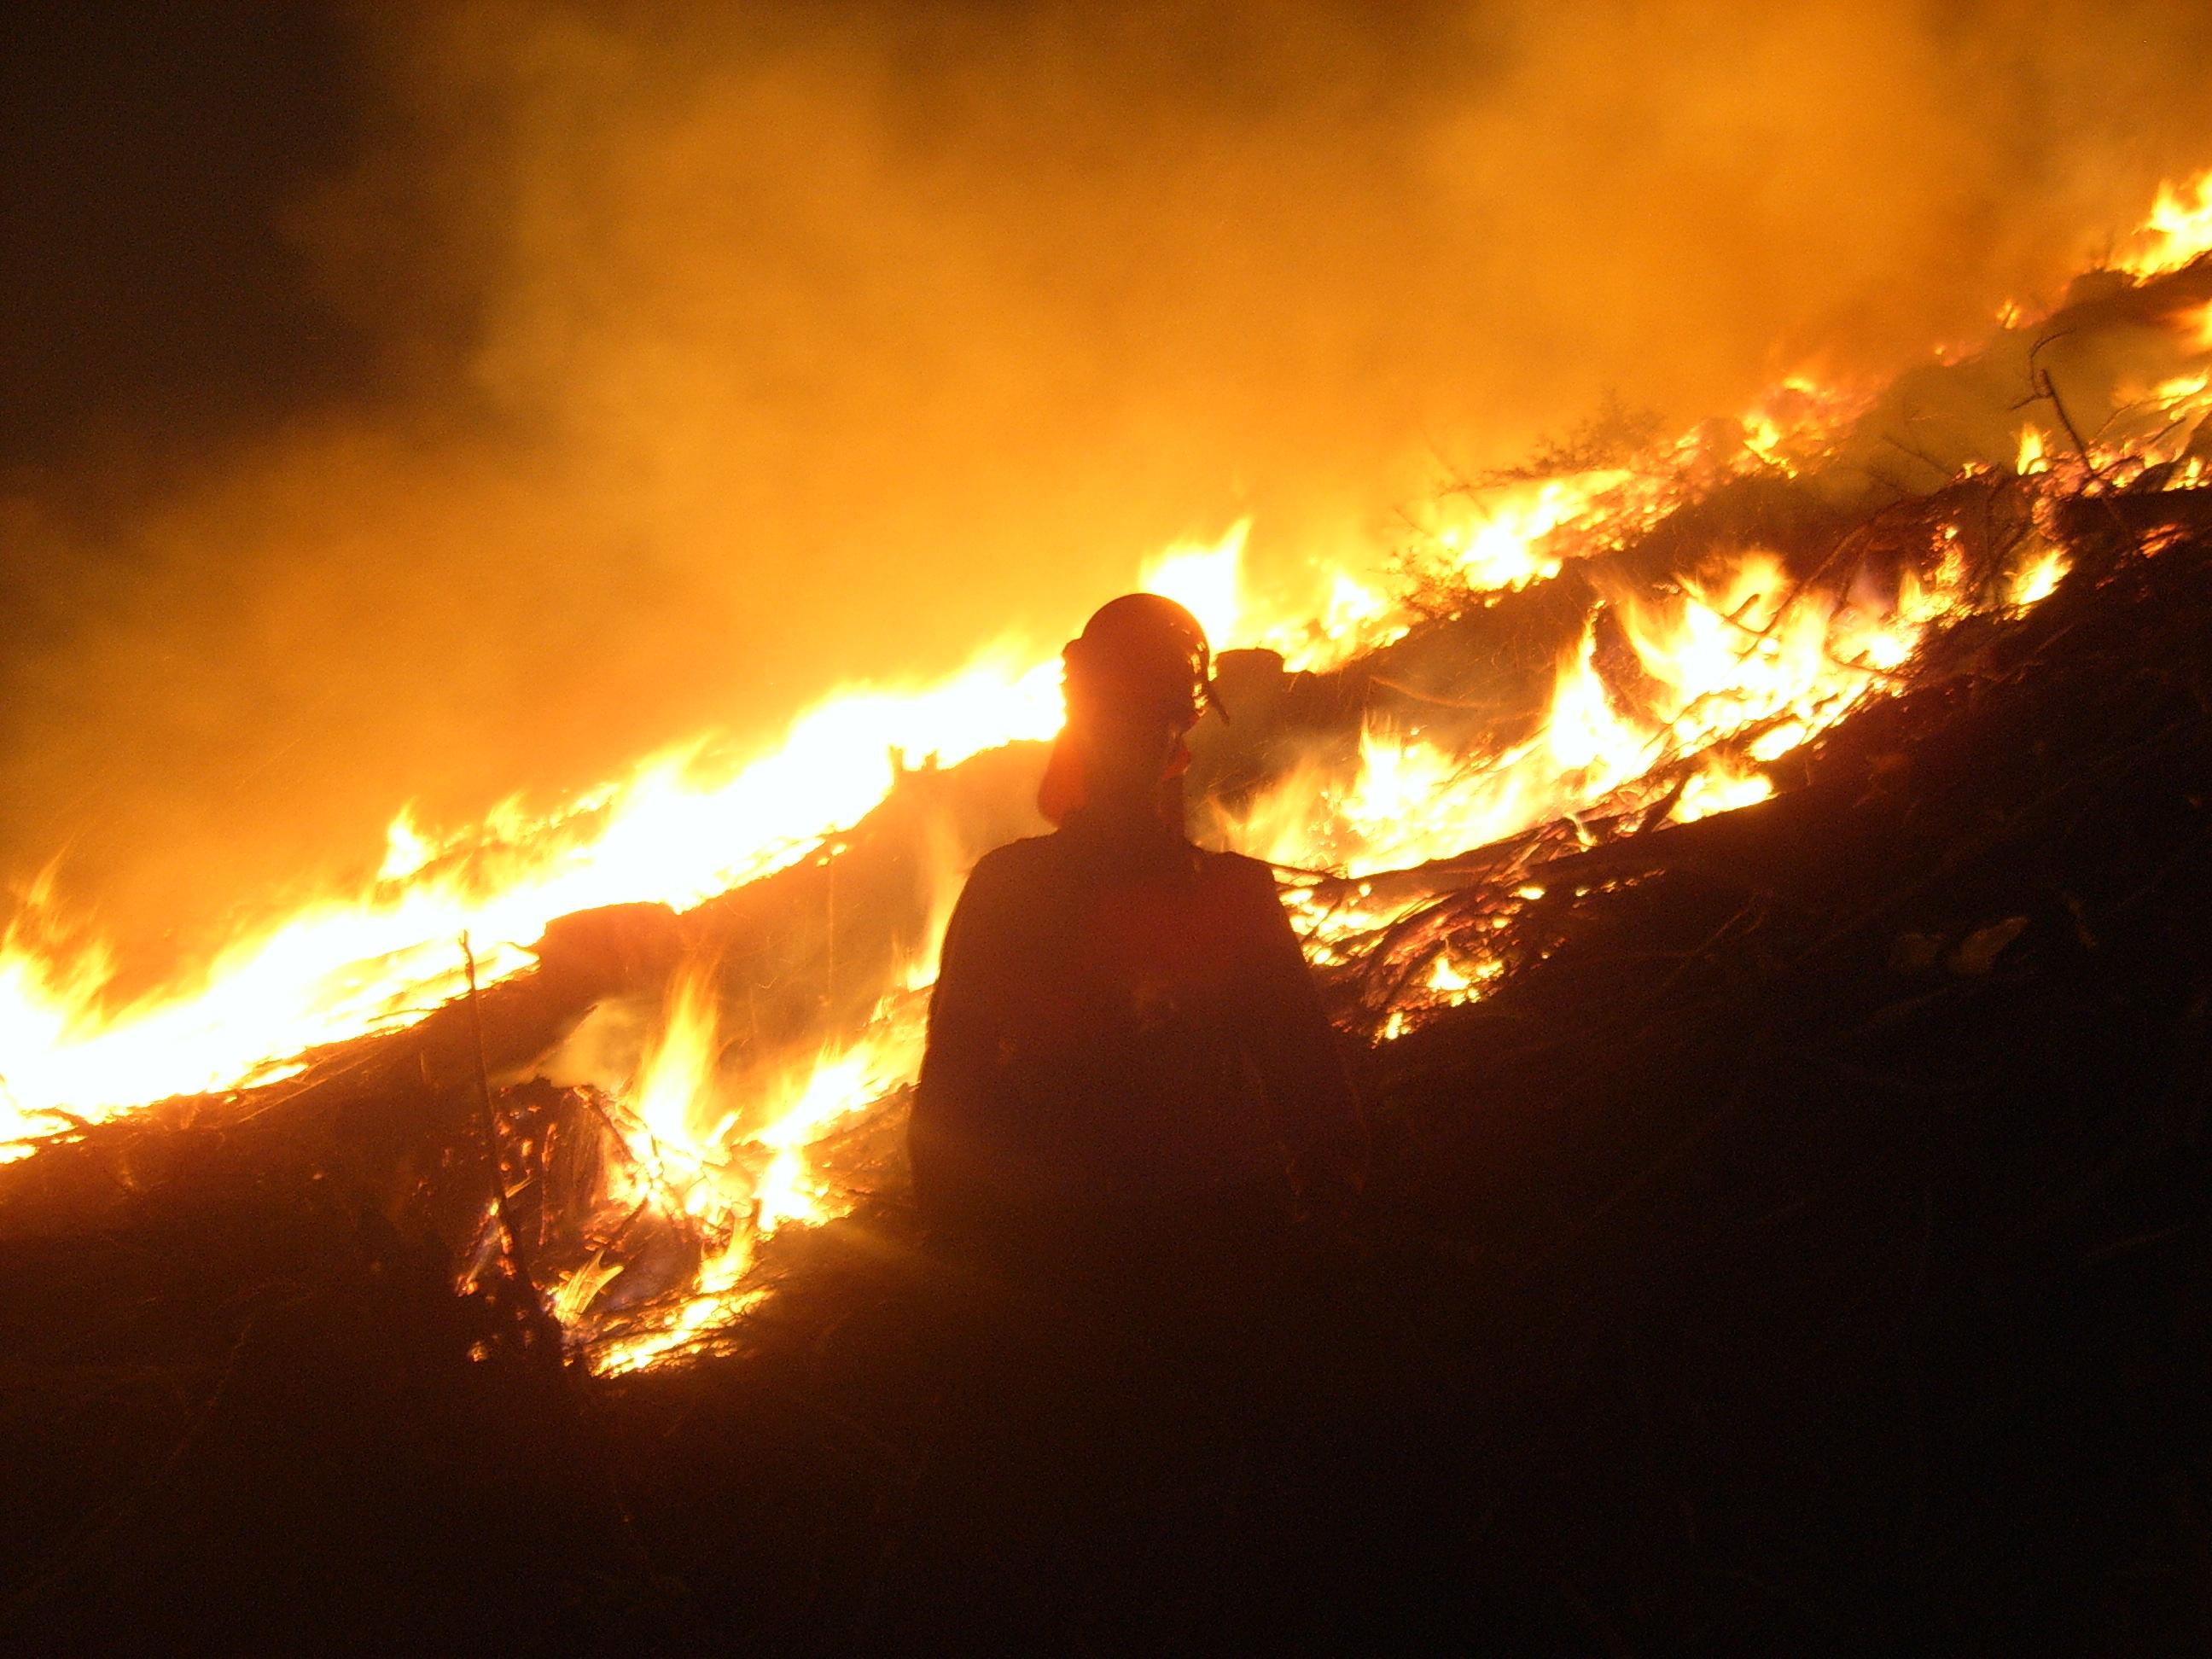 Rosebury prescribed burn 2006